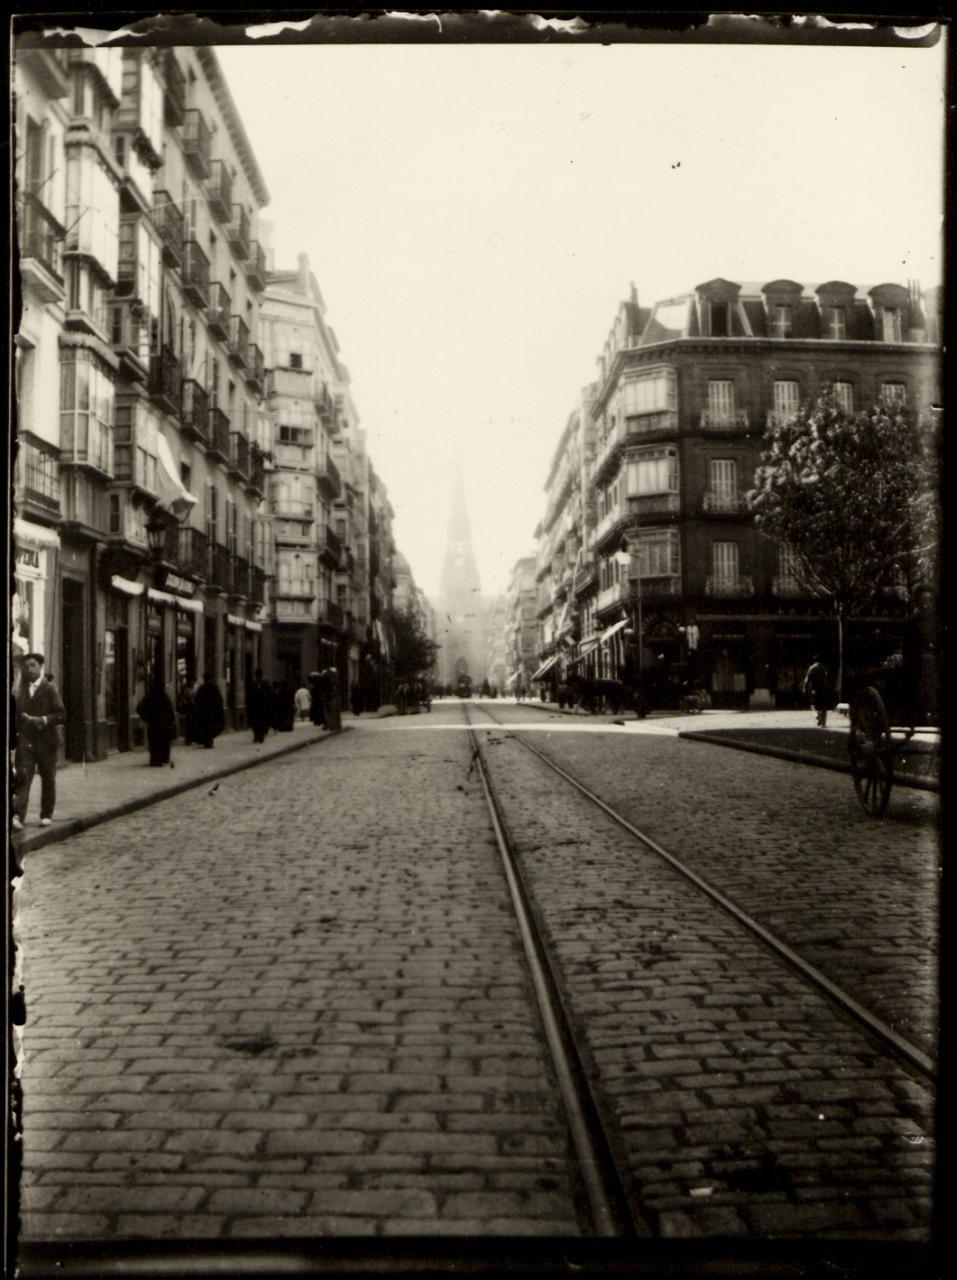 Linea de tranvía en la calle Hernani de San Sebastián